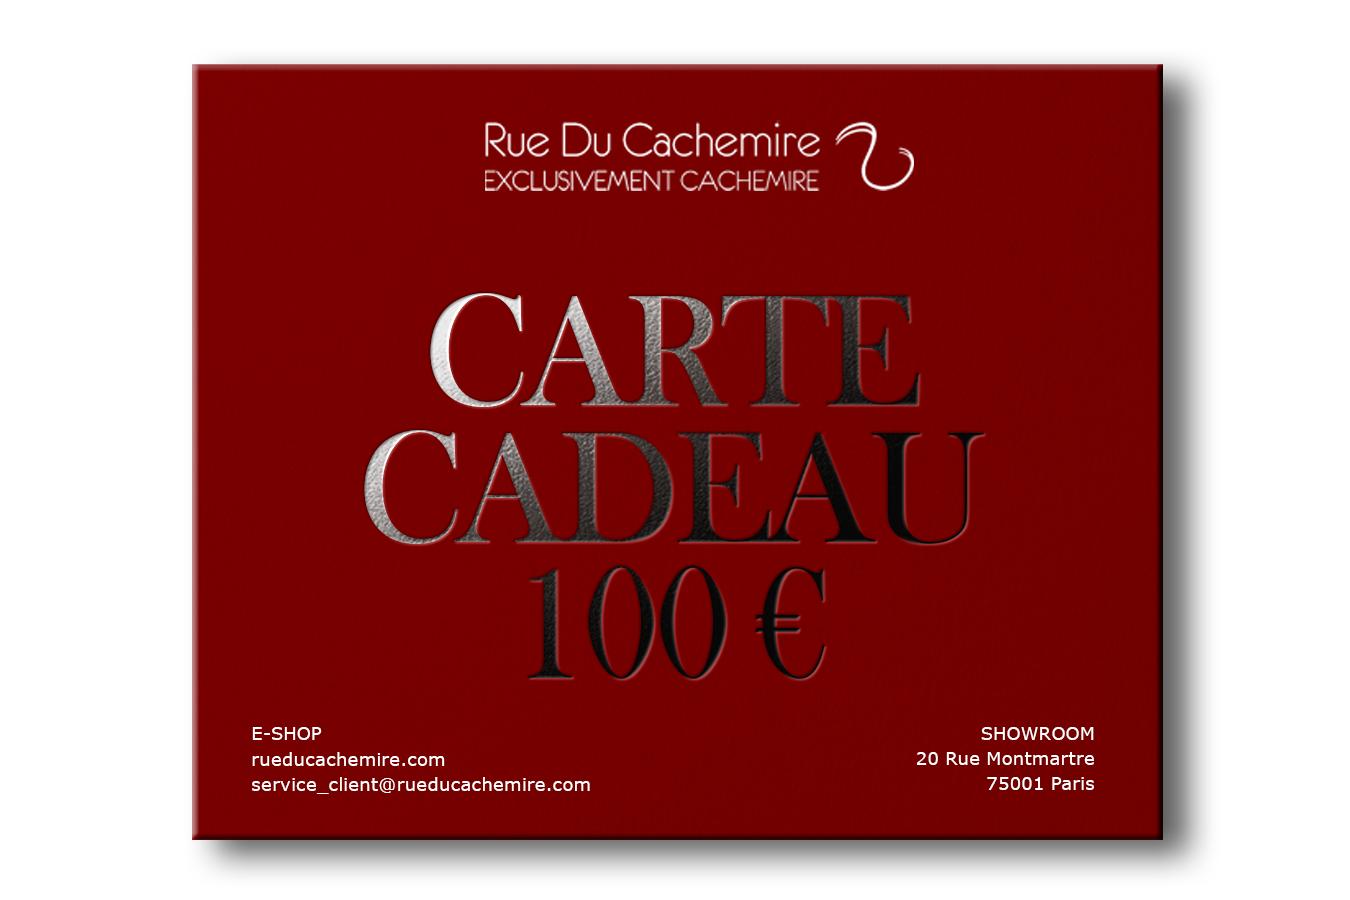 Carte cadeau cachemire 100 Euros